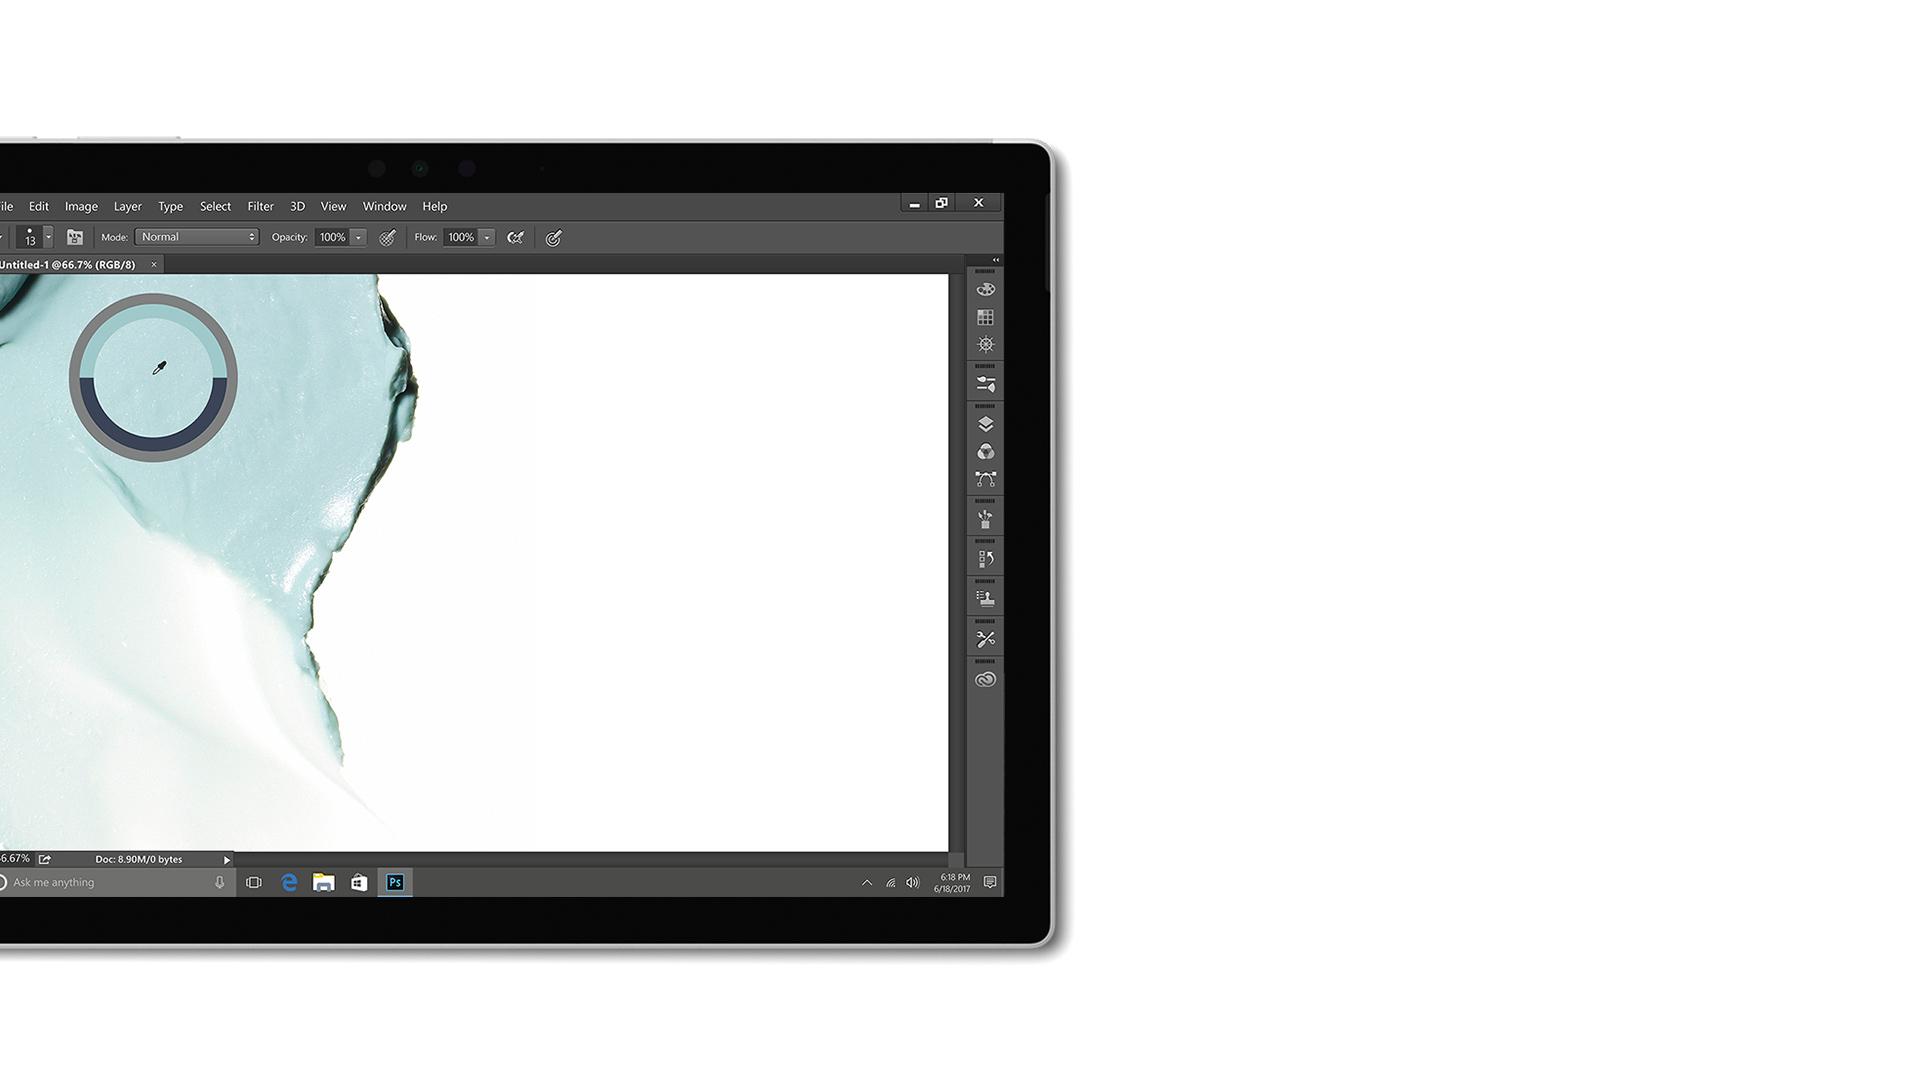 Captura de pantalla de la aplicación Creative Cloud en Surface.